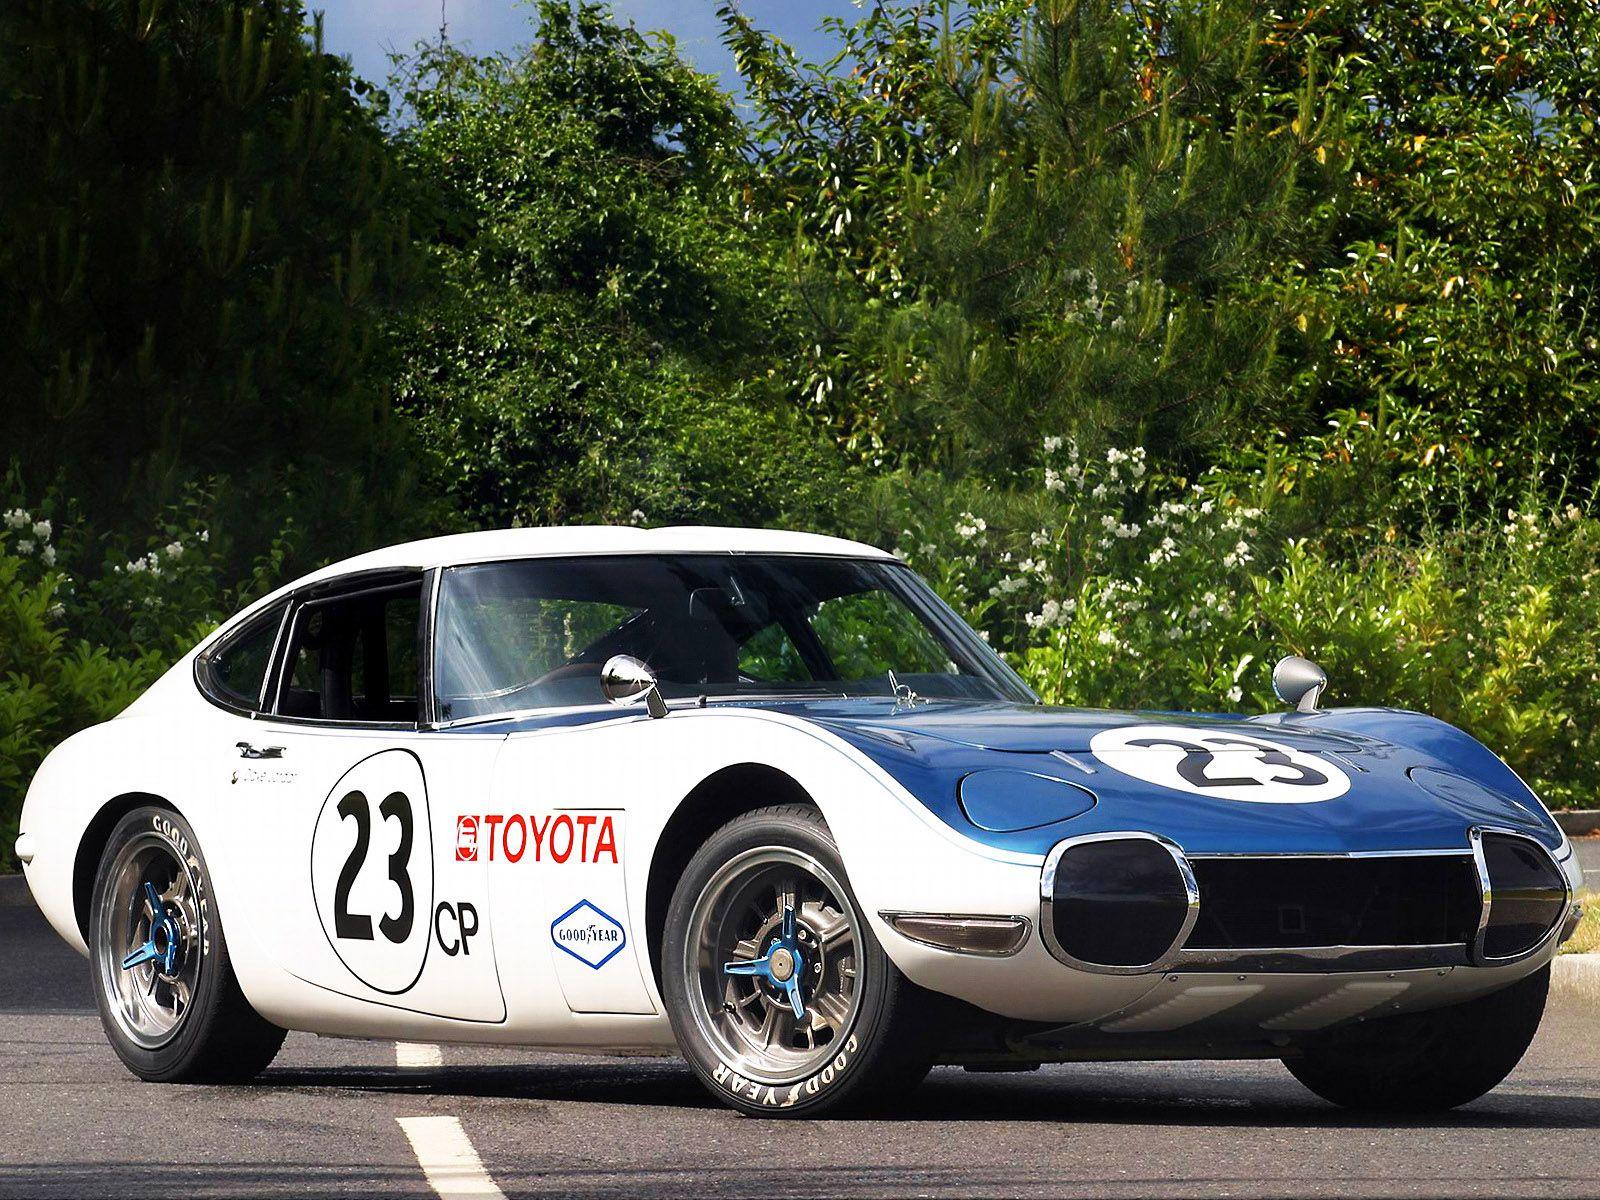 1967 1970 toyota 2000 gt other cars made in japan voitures japonaises voiture et. Black Bedroom Furniture Sets. Home Design Ideas